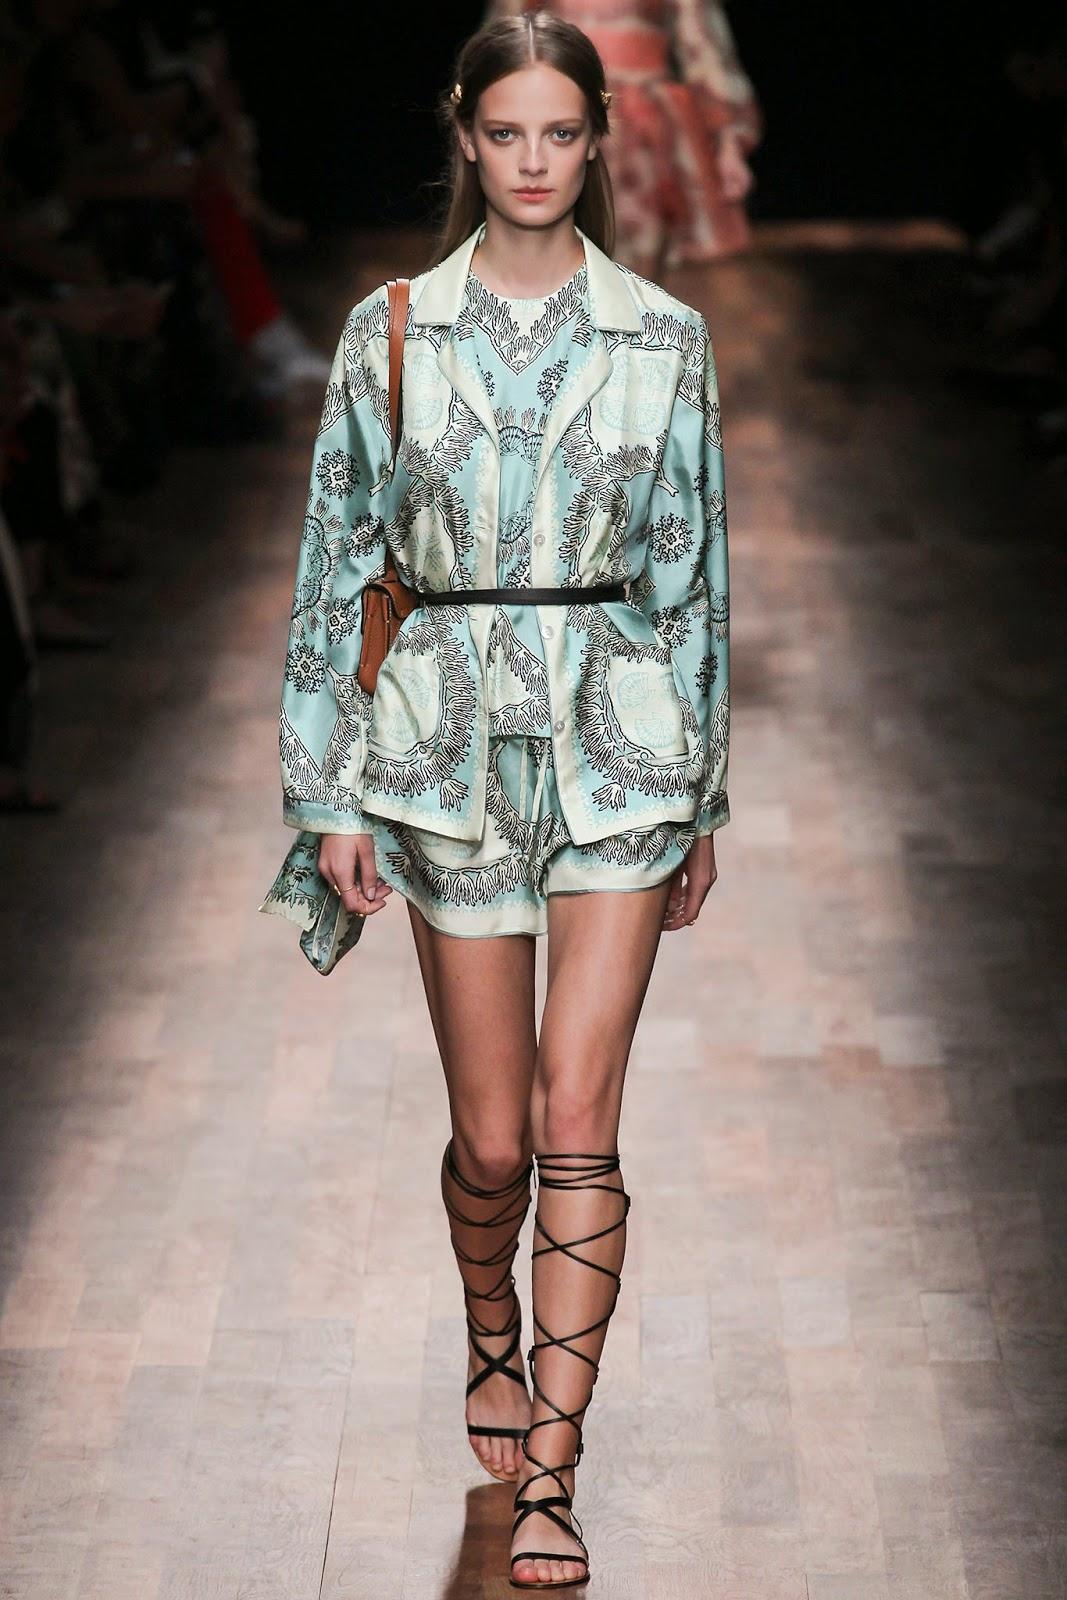 valentino 2015 summer 2016 trend women dress70 Valentino 2015 samling, våren sommaren 2016 Valentino klänning modeller, Valentino kväll klänning nya säsongen kvinnors kjolar modeller